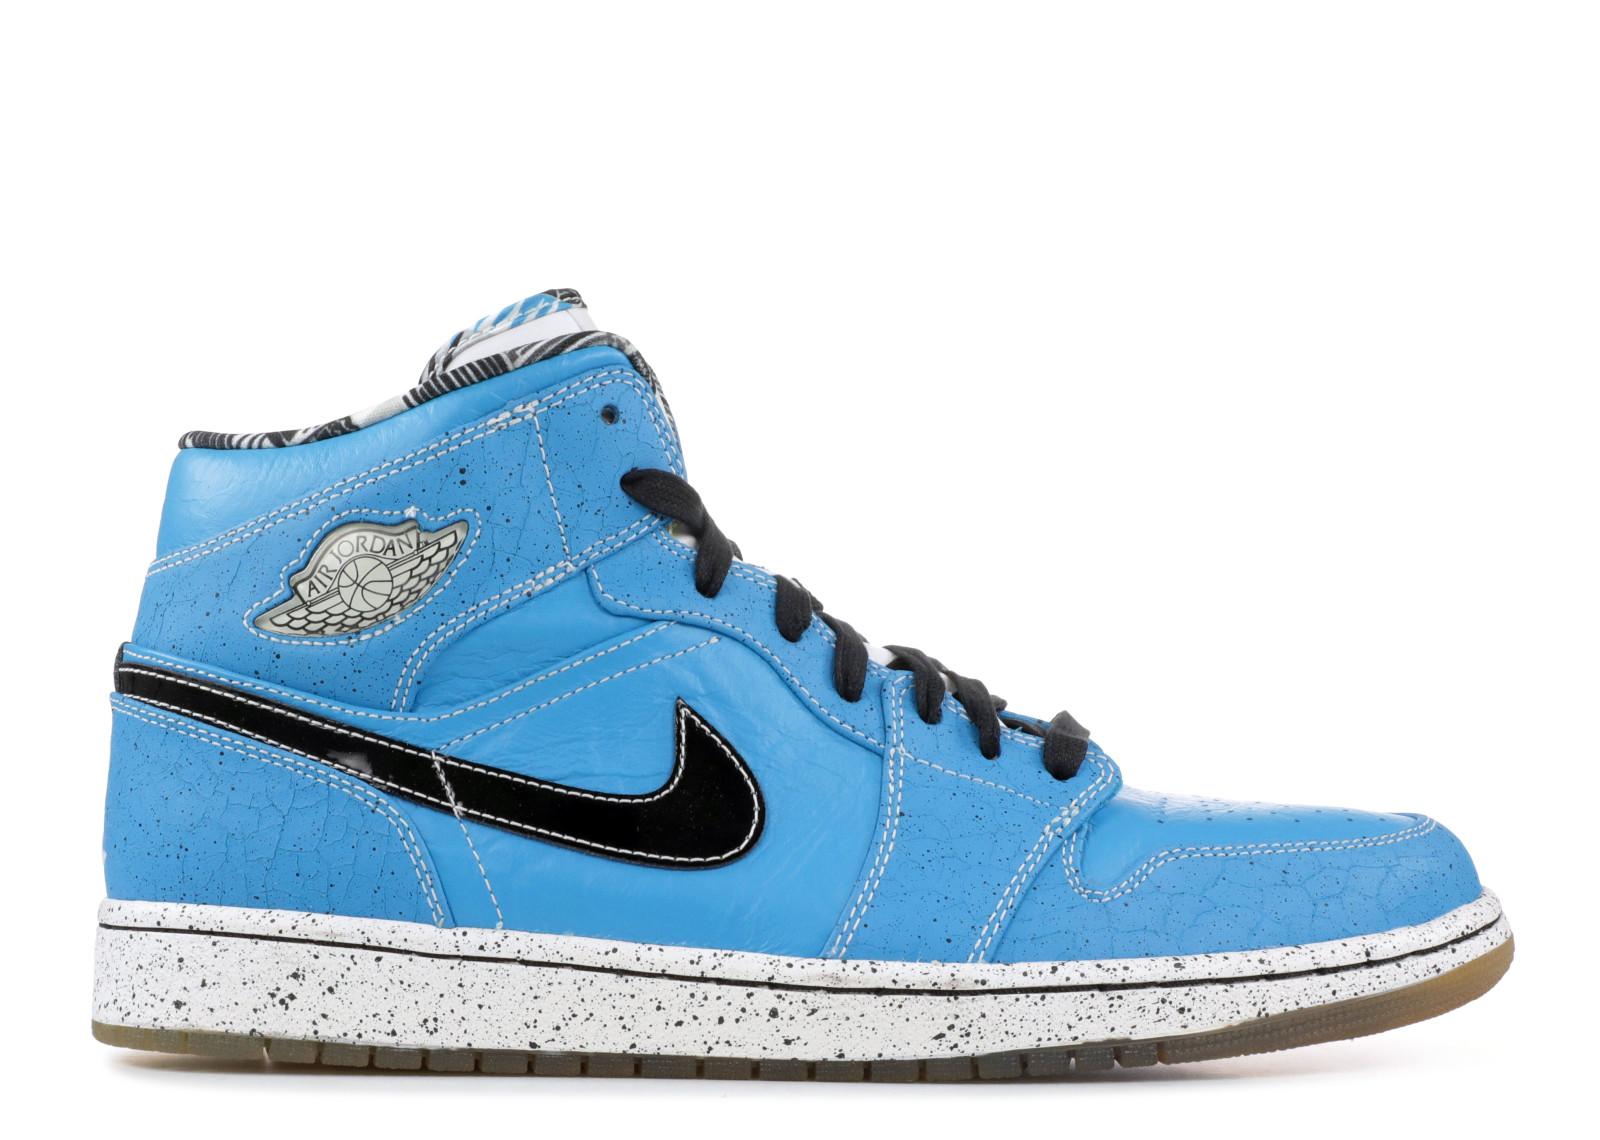 エアー ジョーダン レトロ レーザー メンズ 男性用 靴 スニーカー メンズ靴 【 AIR JORDAN LASER 1 RETRO RUFF N TUFF QUAI 54 BLUE BLACKWHITE 】